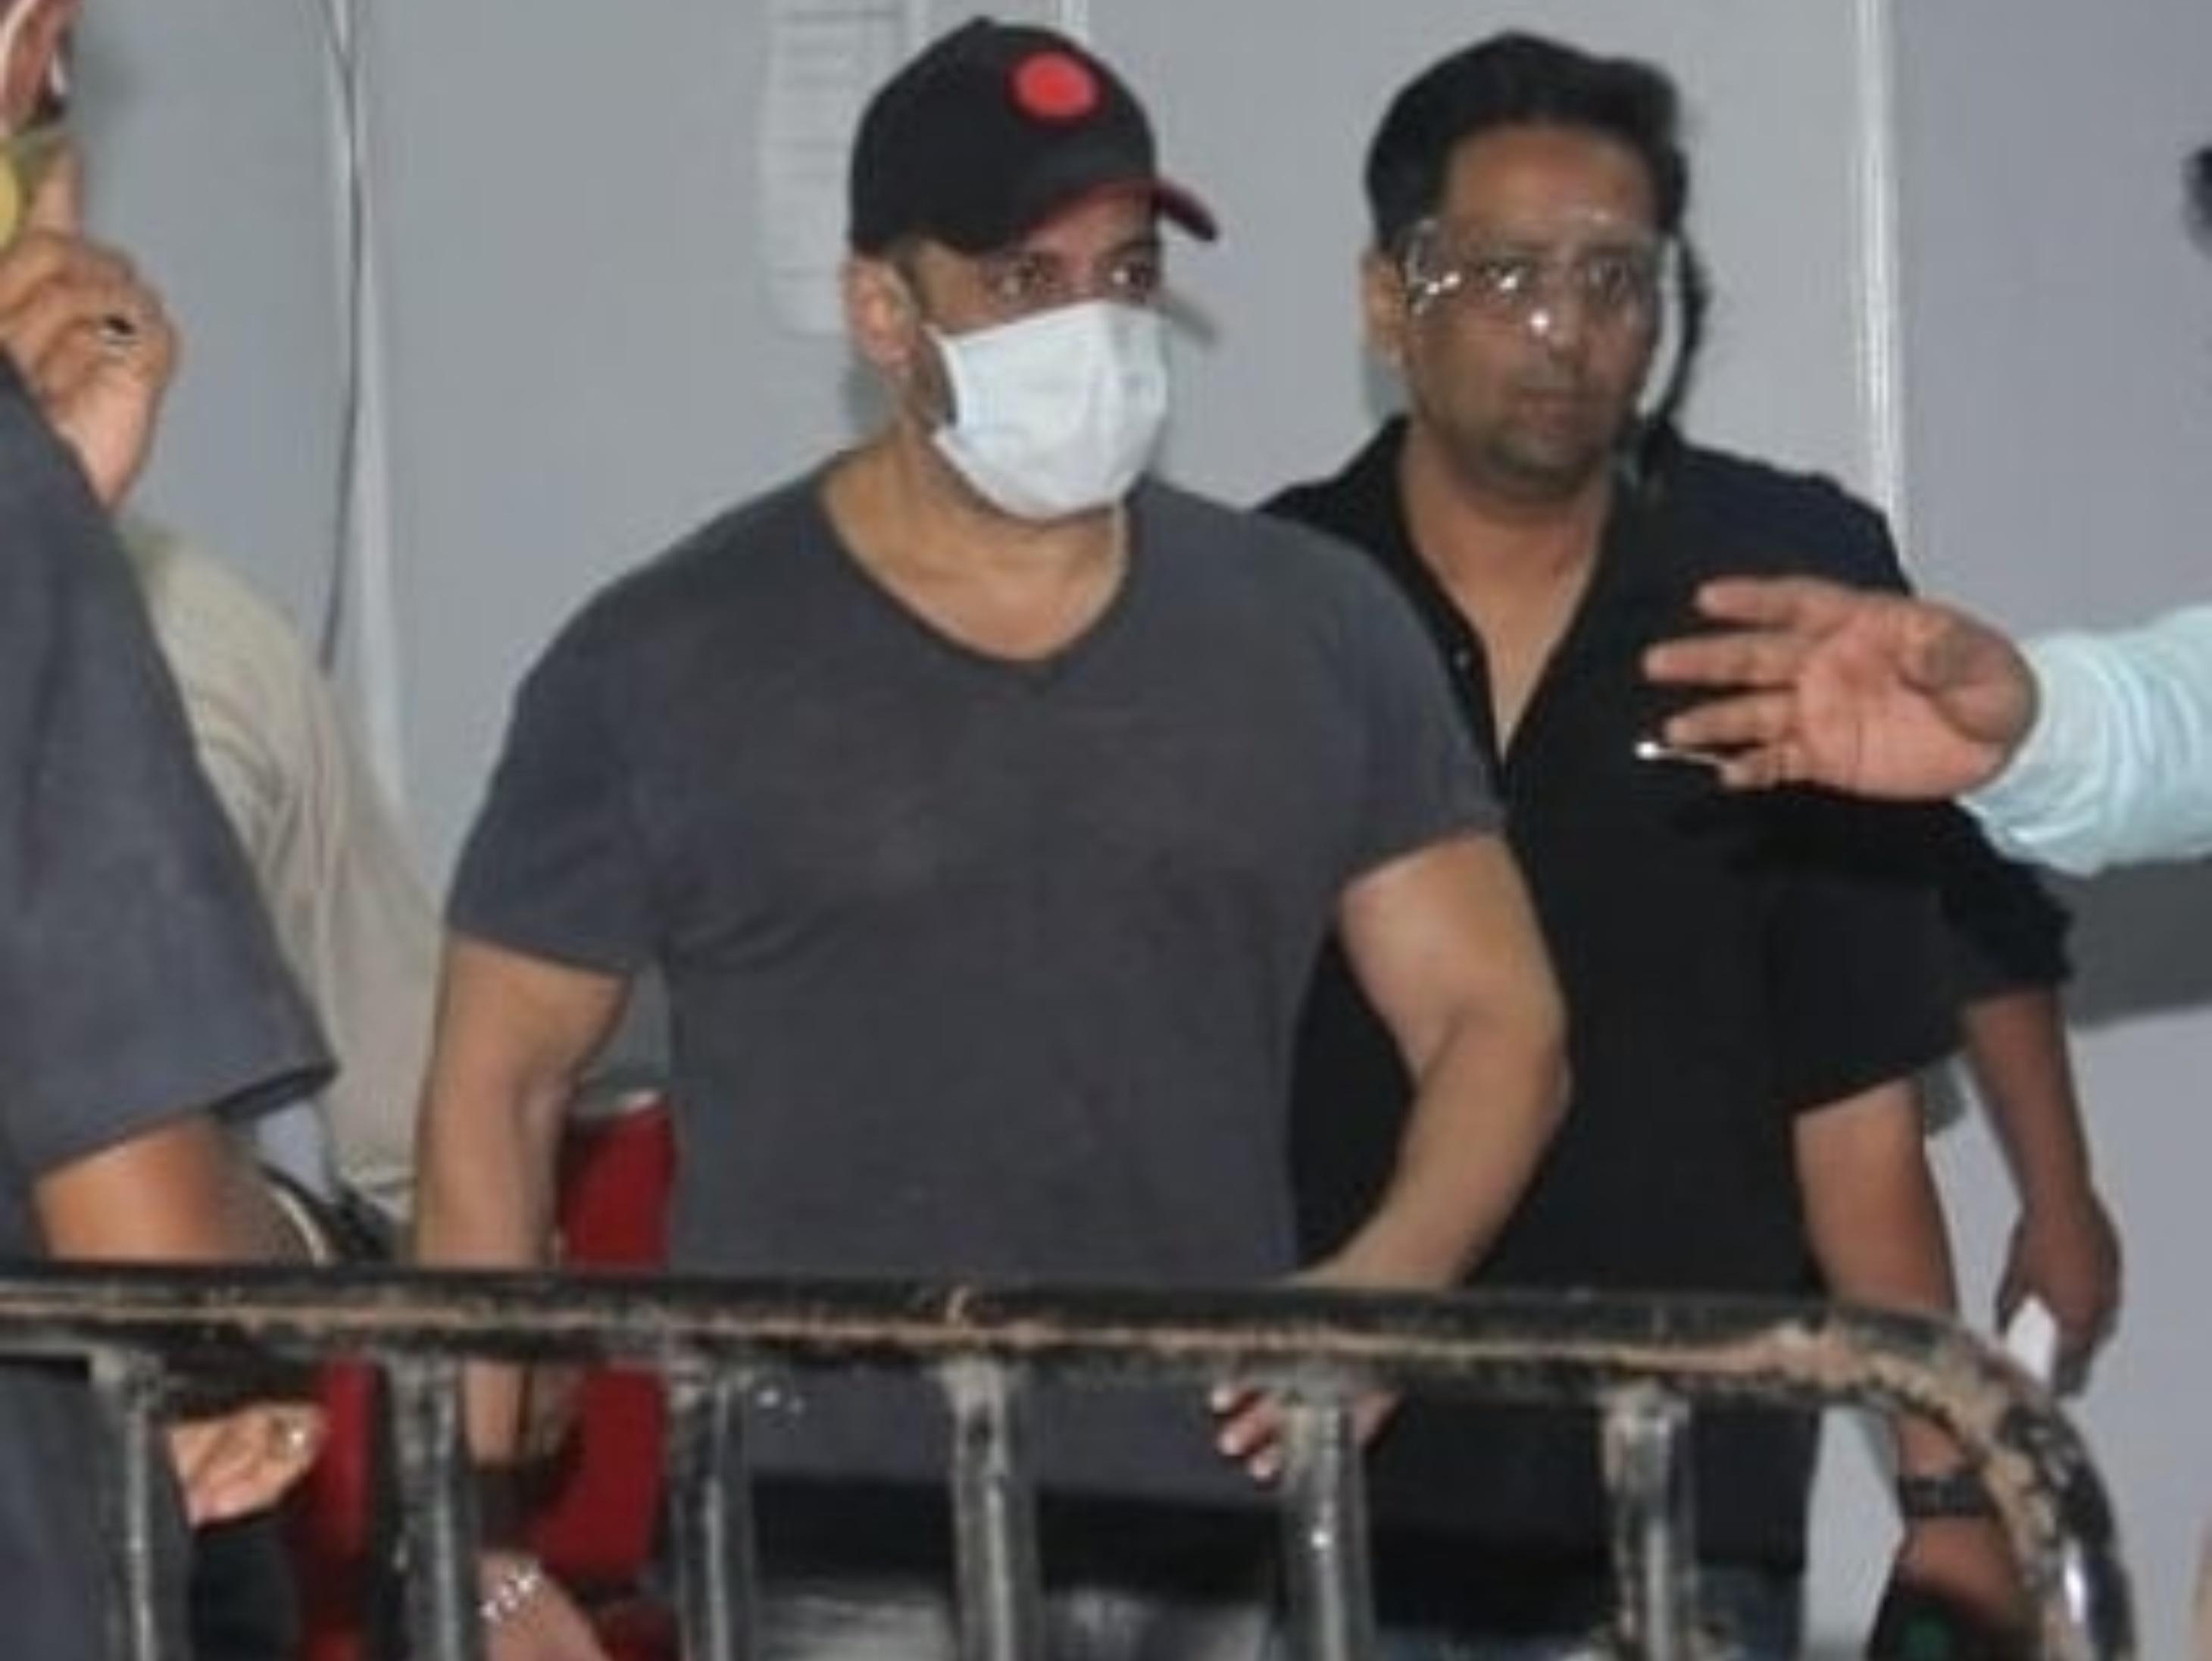 राधे की रिलीज के दूसरे दिन सलमान खान ने लगवाया कोरोना वैक्सीन का दूसरा डोज बॉलीवुड,Bollywood - Dainik Bhaskar